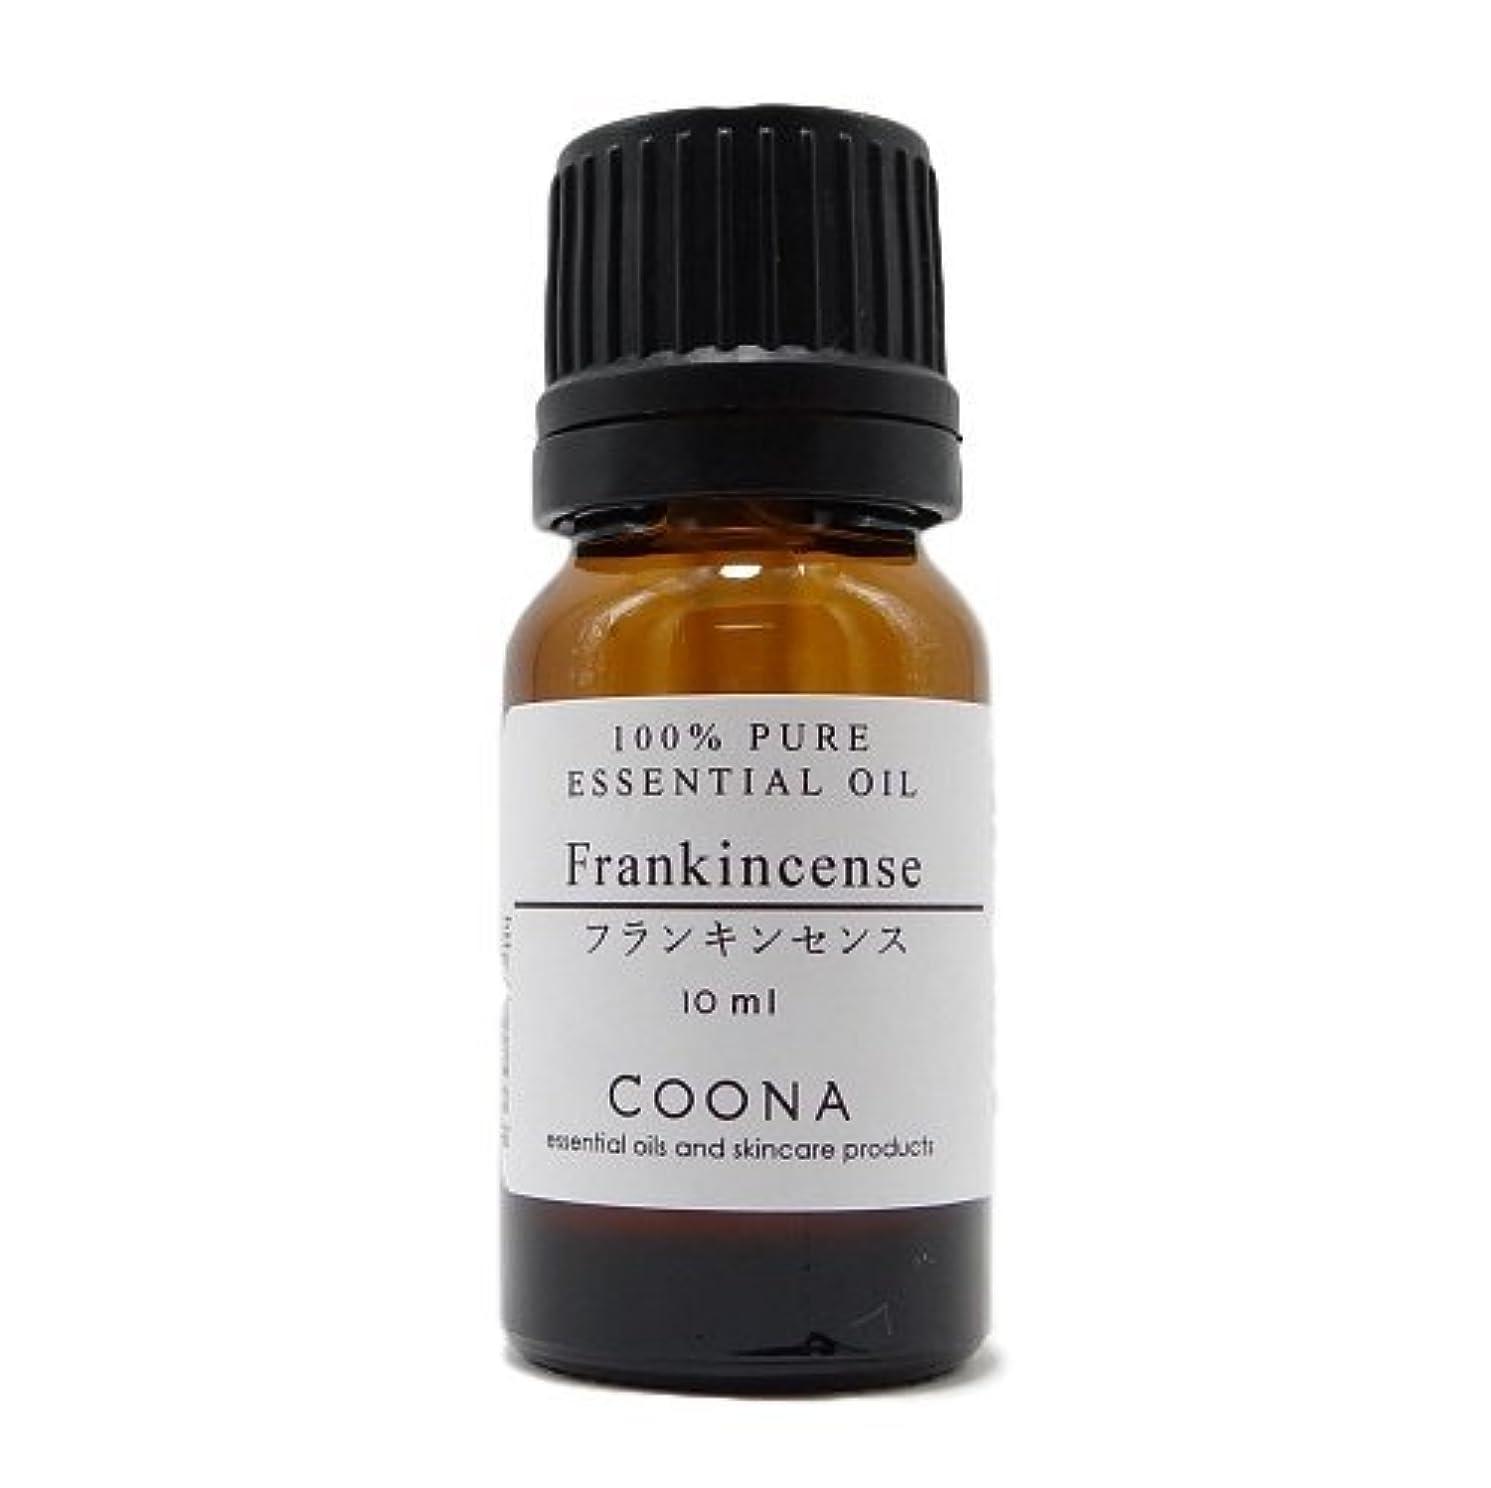 生じる気楽なオーバードローフランキンセンス 10 ml (COONA エッセンシャルオイル アロマオイル 100%天然植物精油)